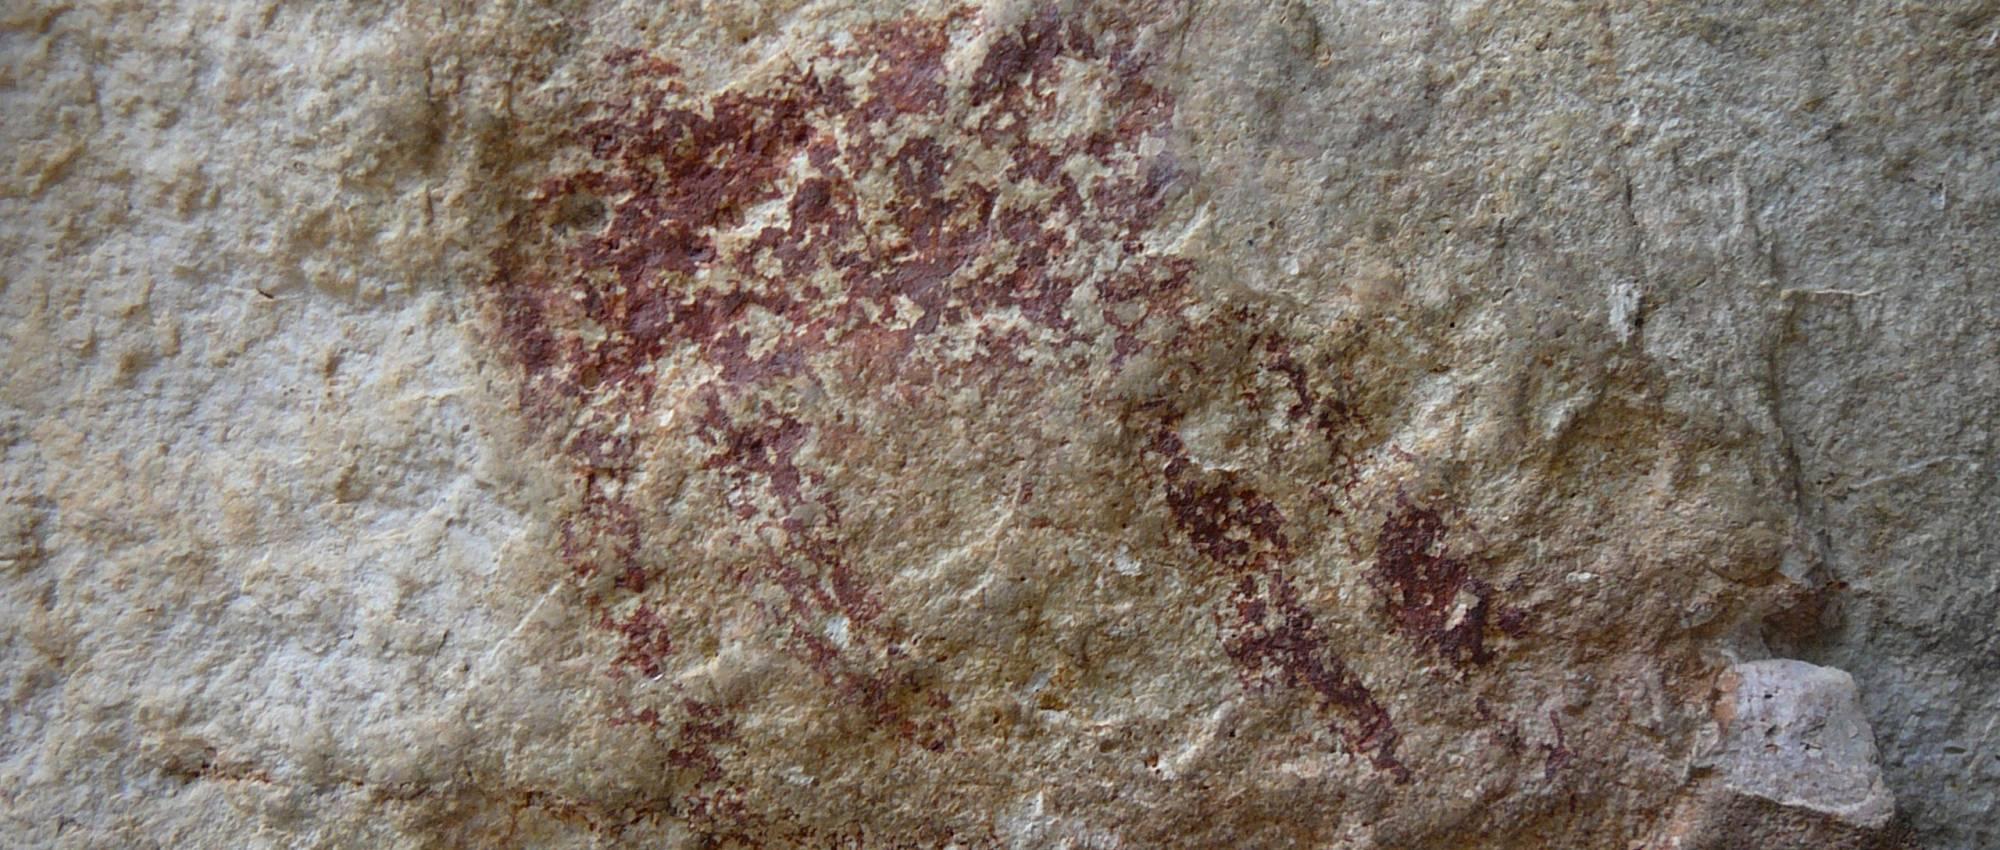 Cova dels Vilars / Servei d'arqueologia / DGPC